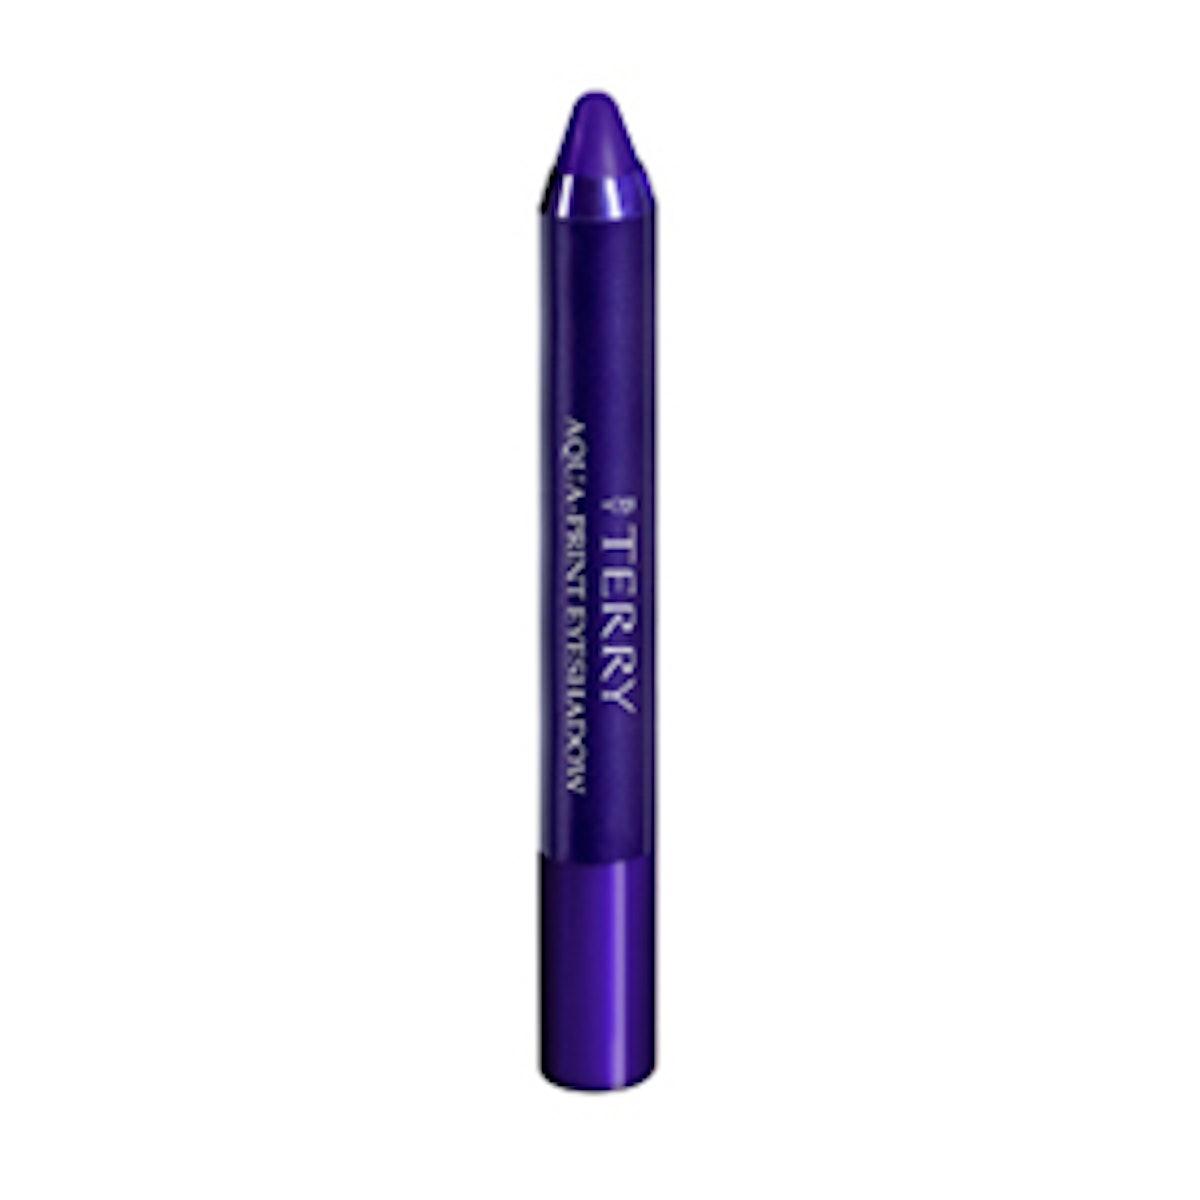 Aqua-Print Eyeshadow in Violet Vibes